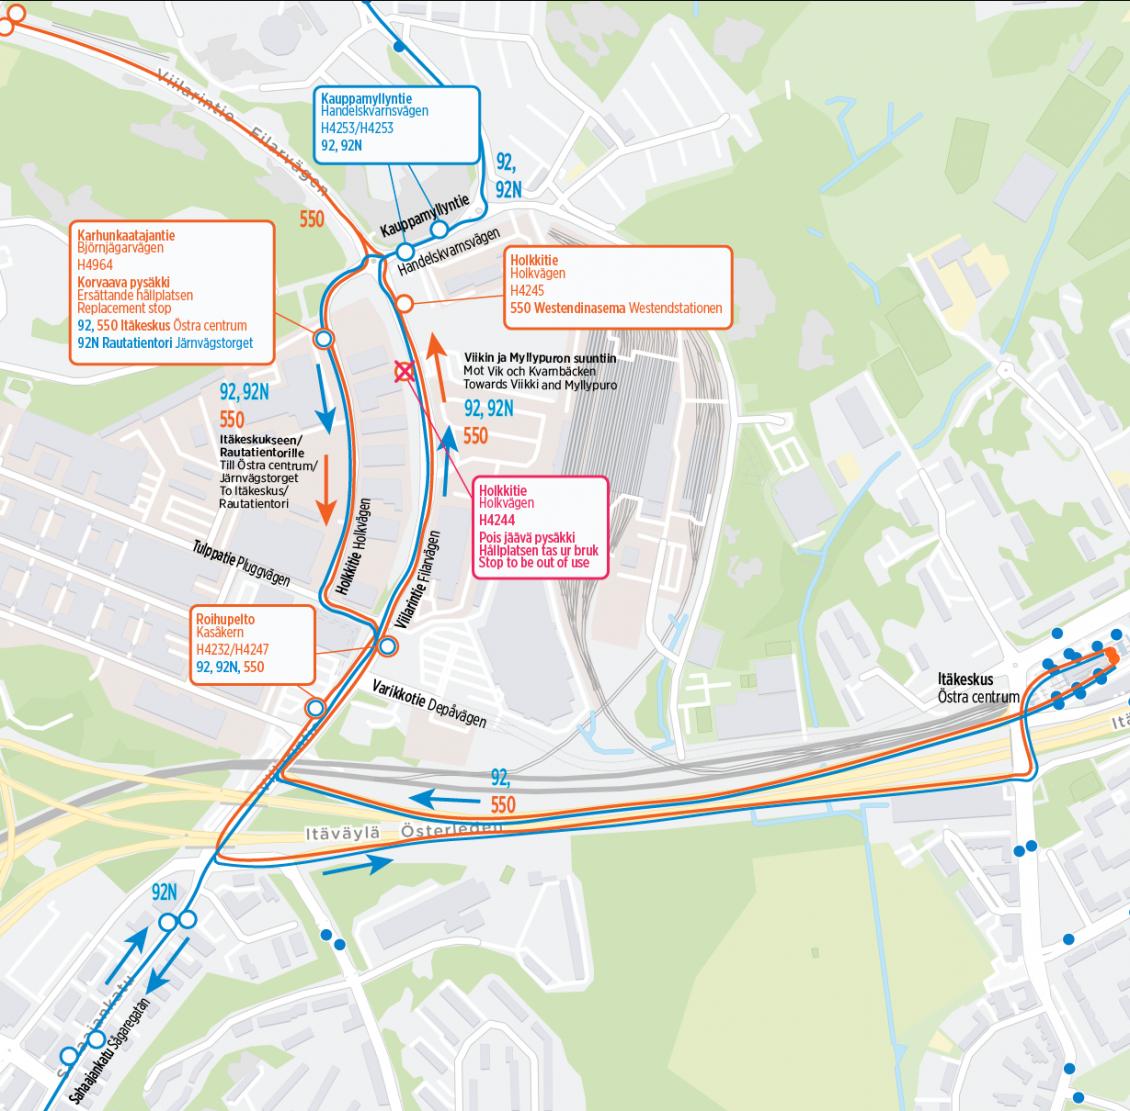 Linjojen 92, 92N ja 550 reittimuutos kartalla tekstin mukaisesti